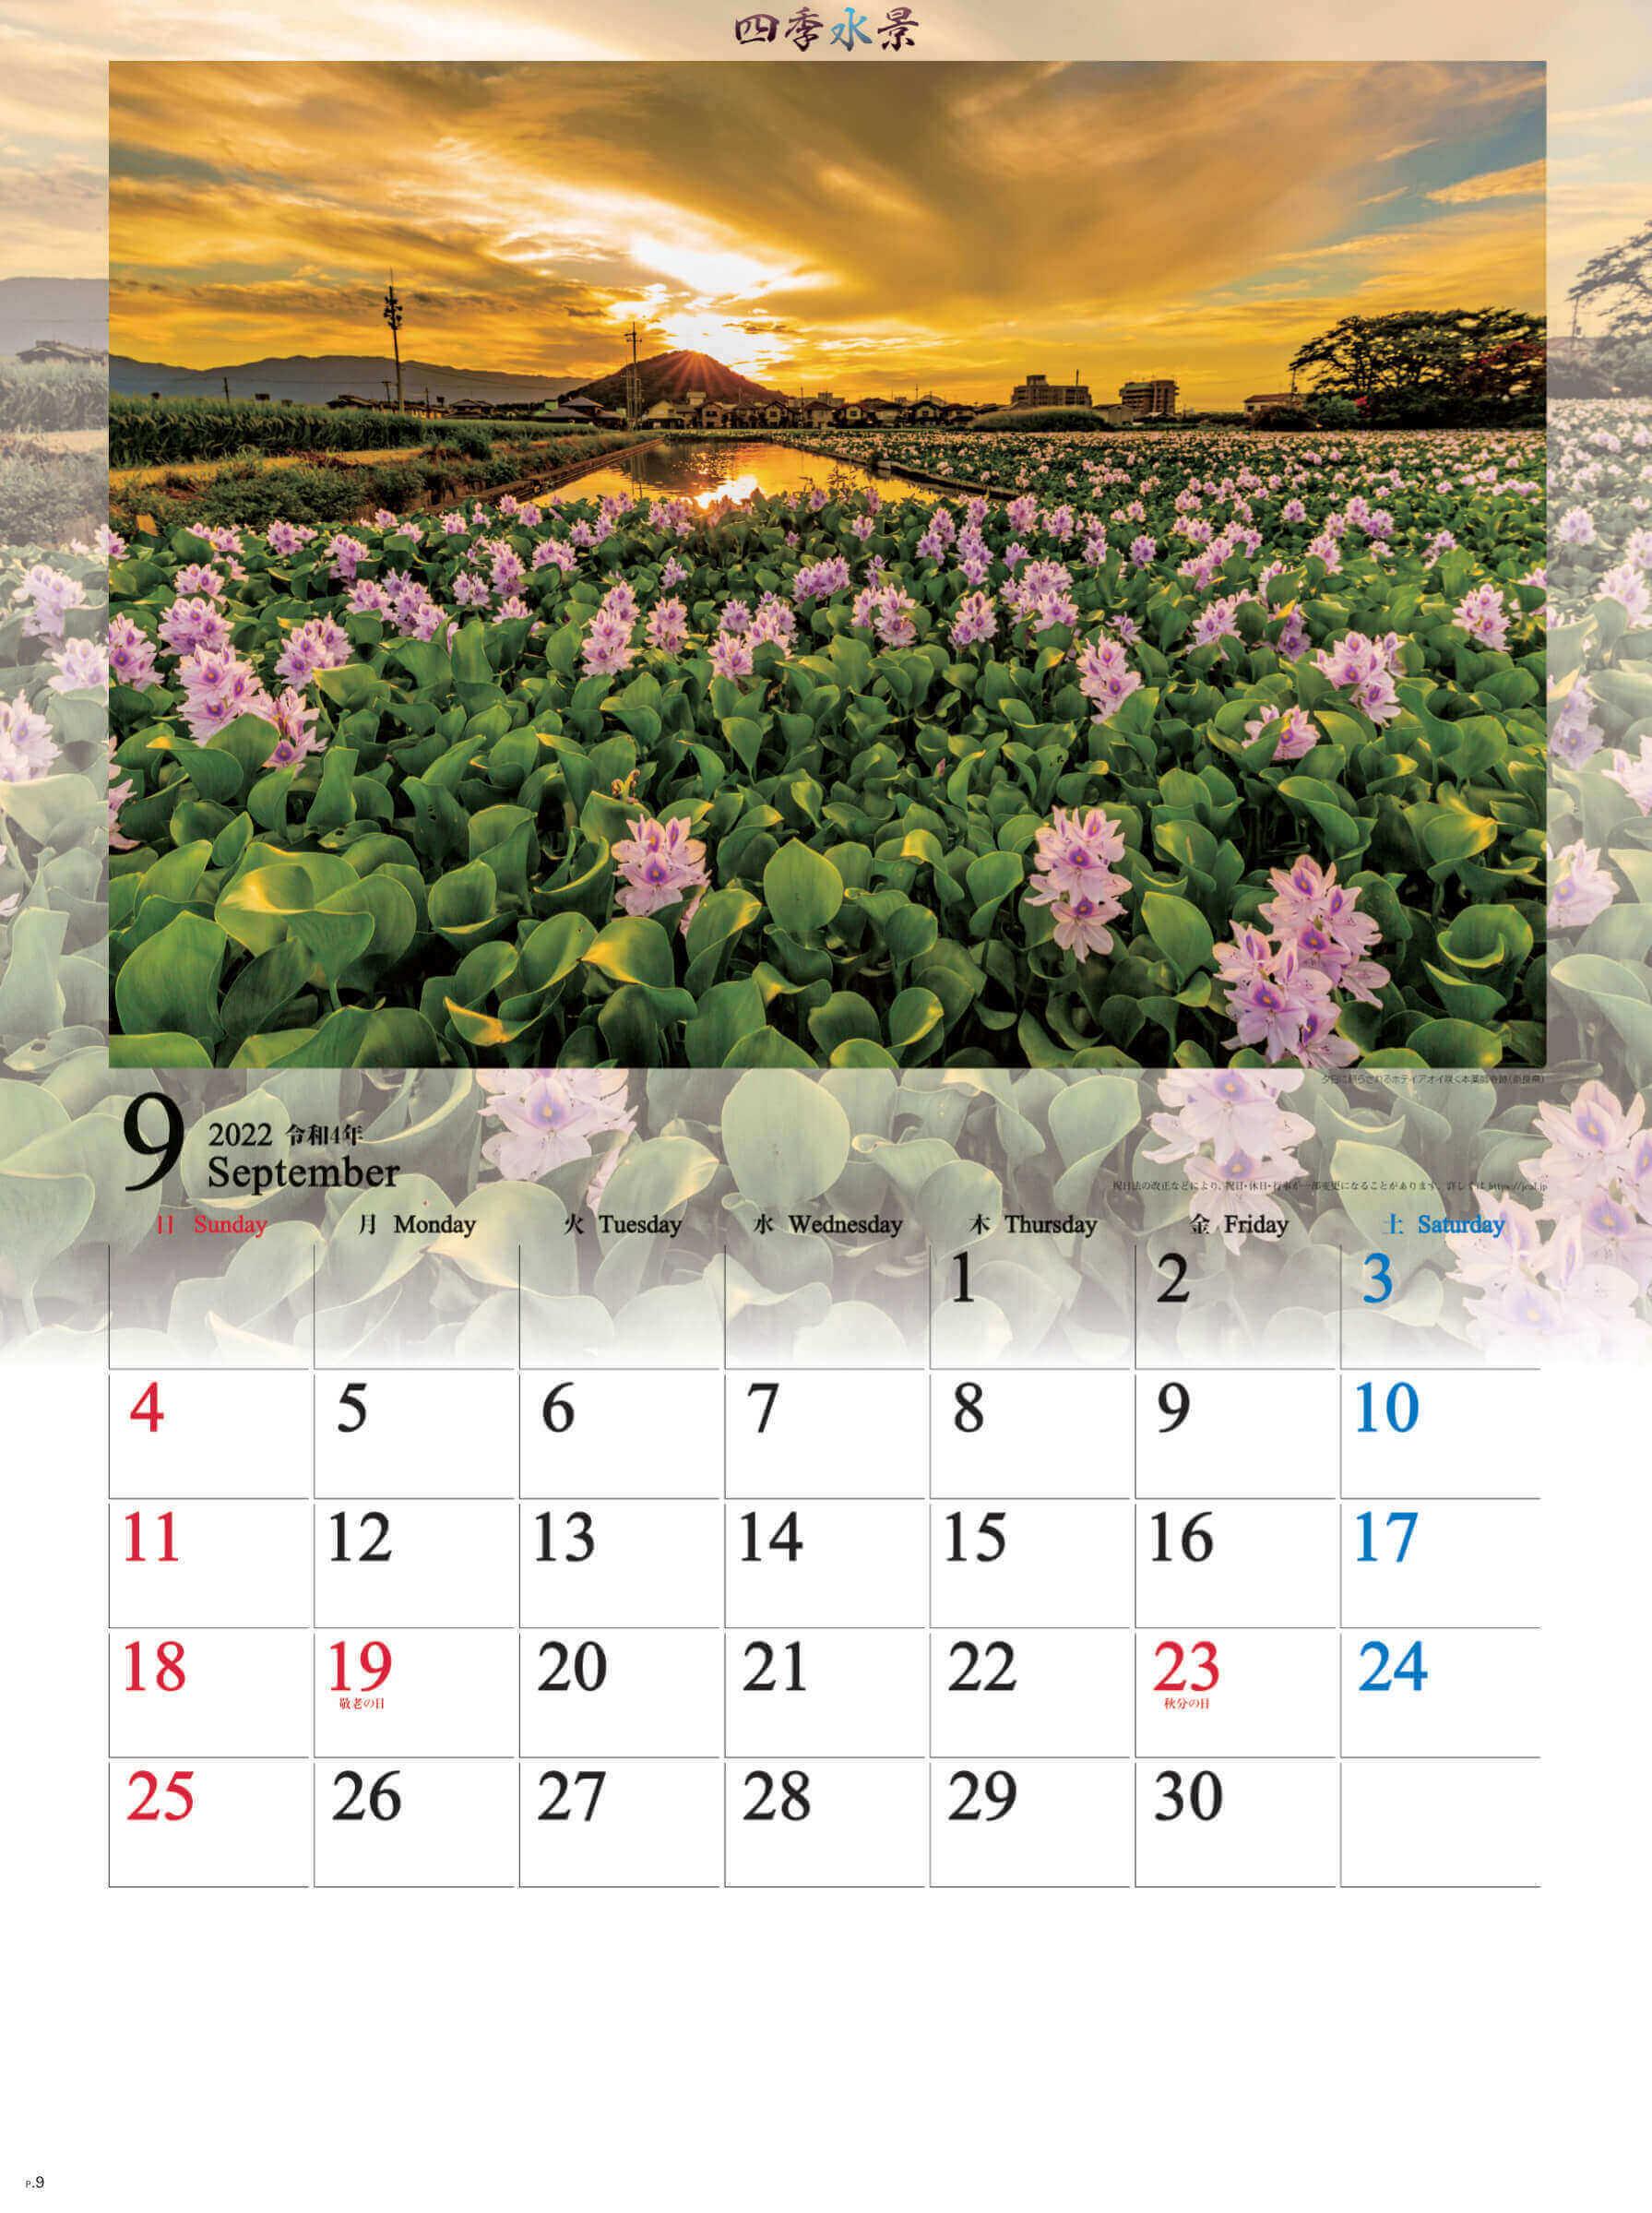 9月 ホテイアオイ咲く本薬師寺跡(奈良) 四季水景 2022年カレンダーの画像